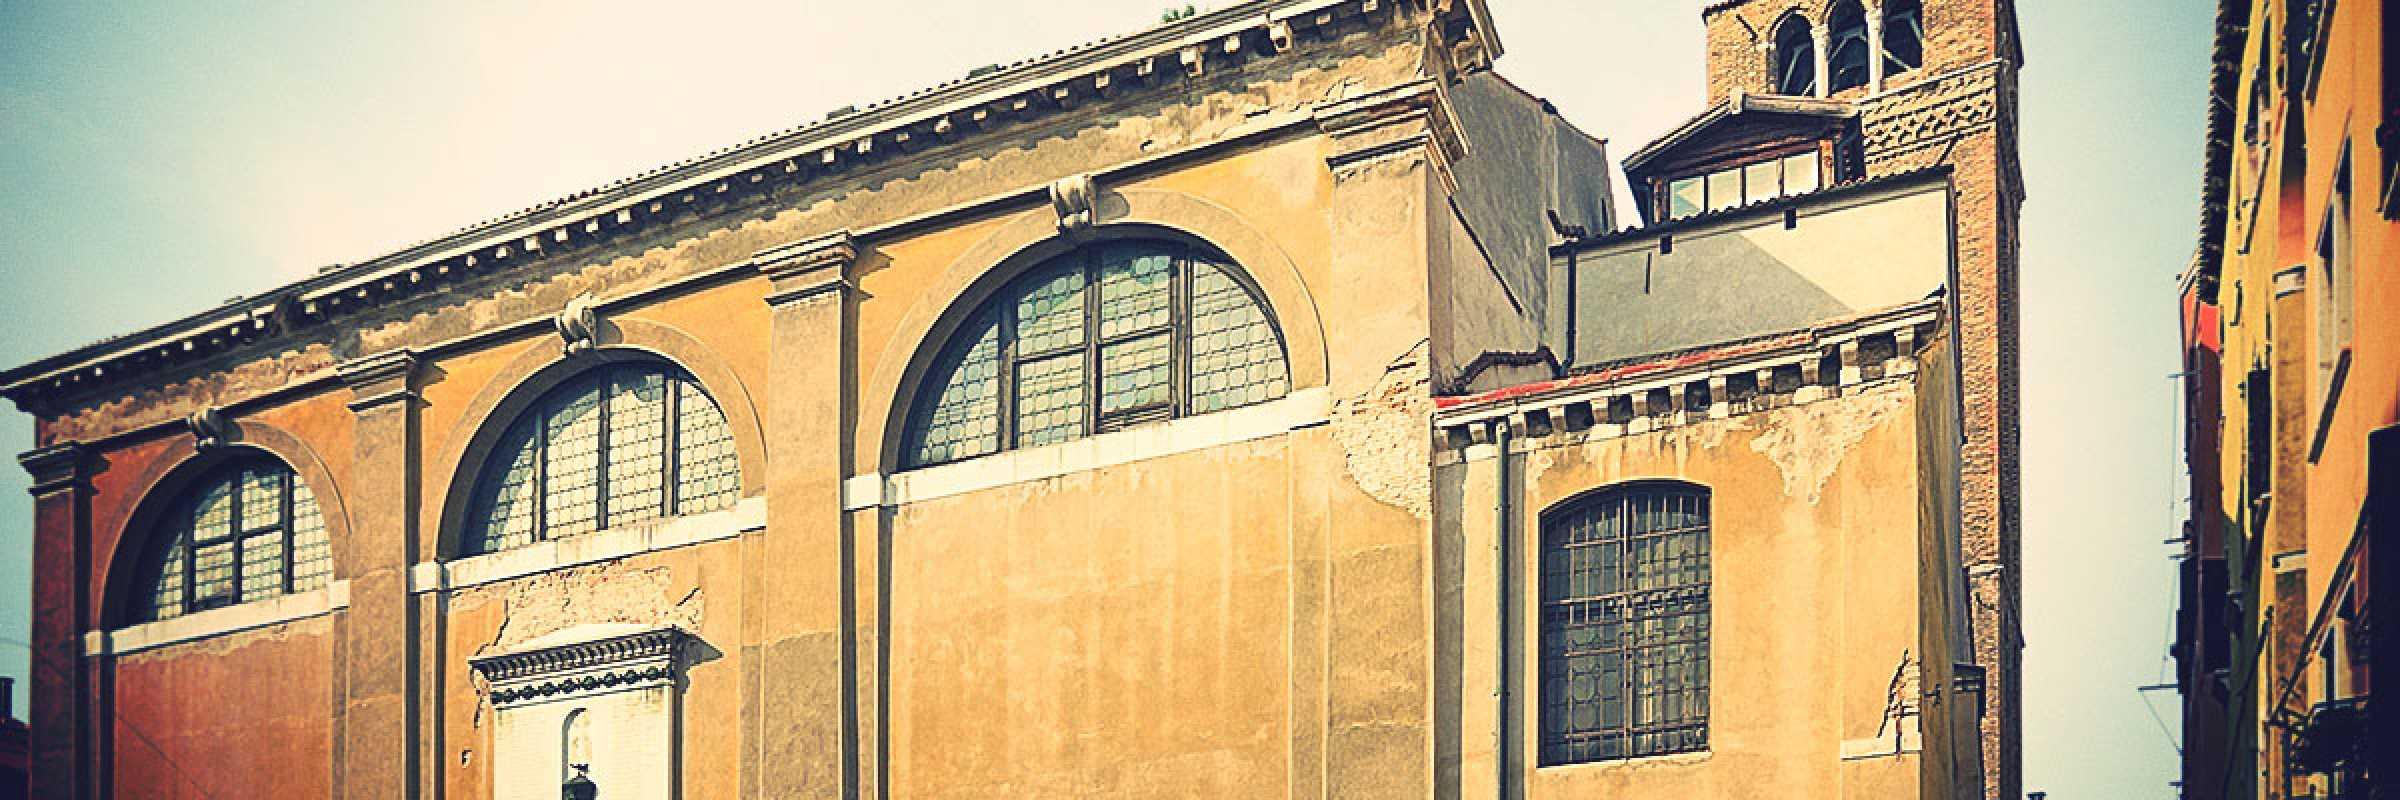 Chiesa di San Cassian a Venezia